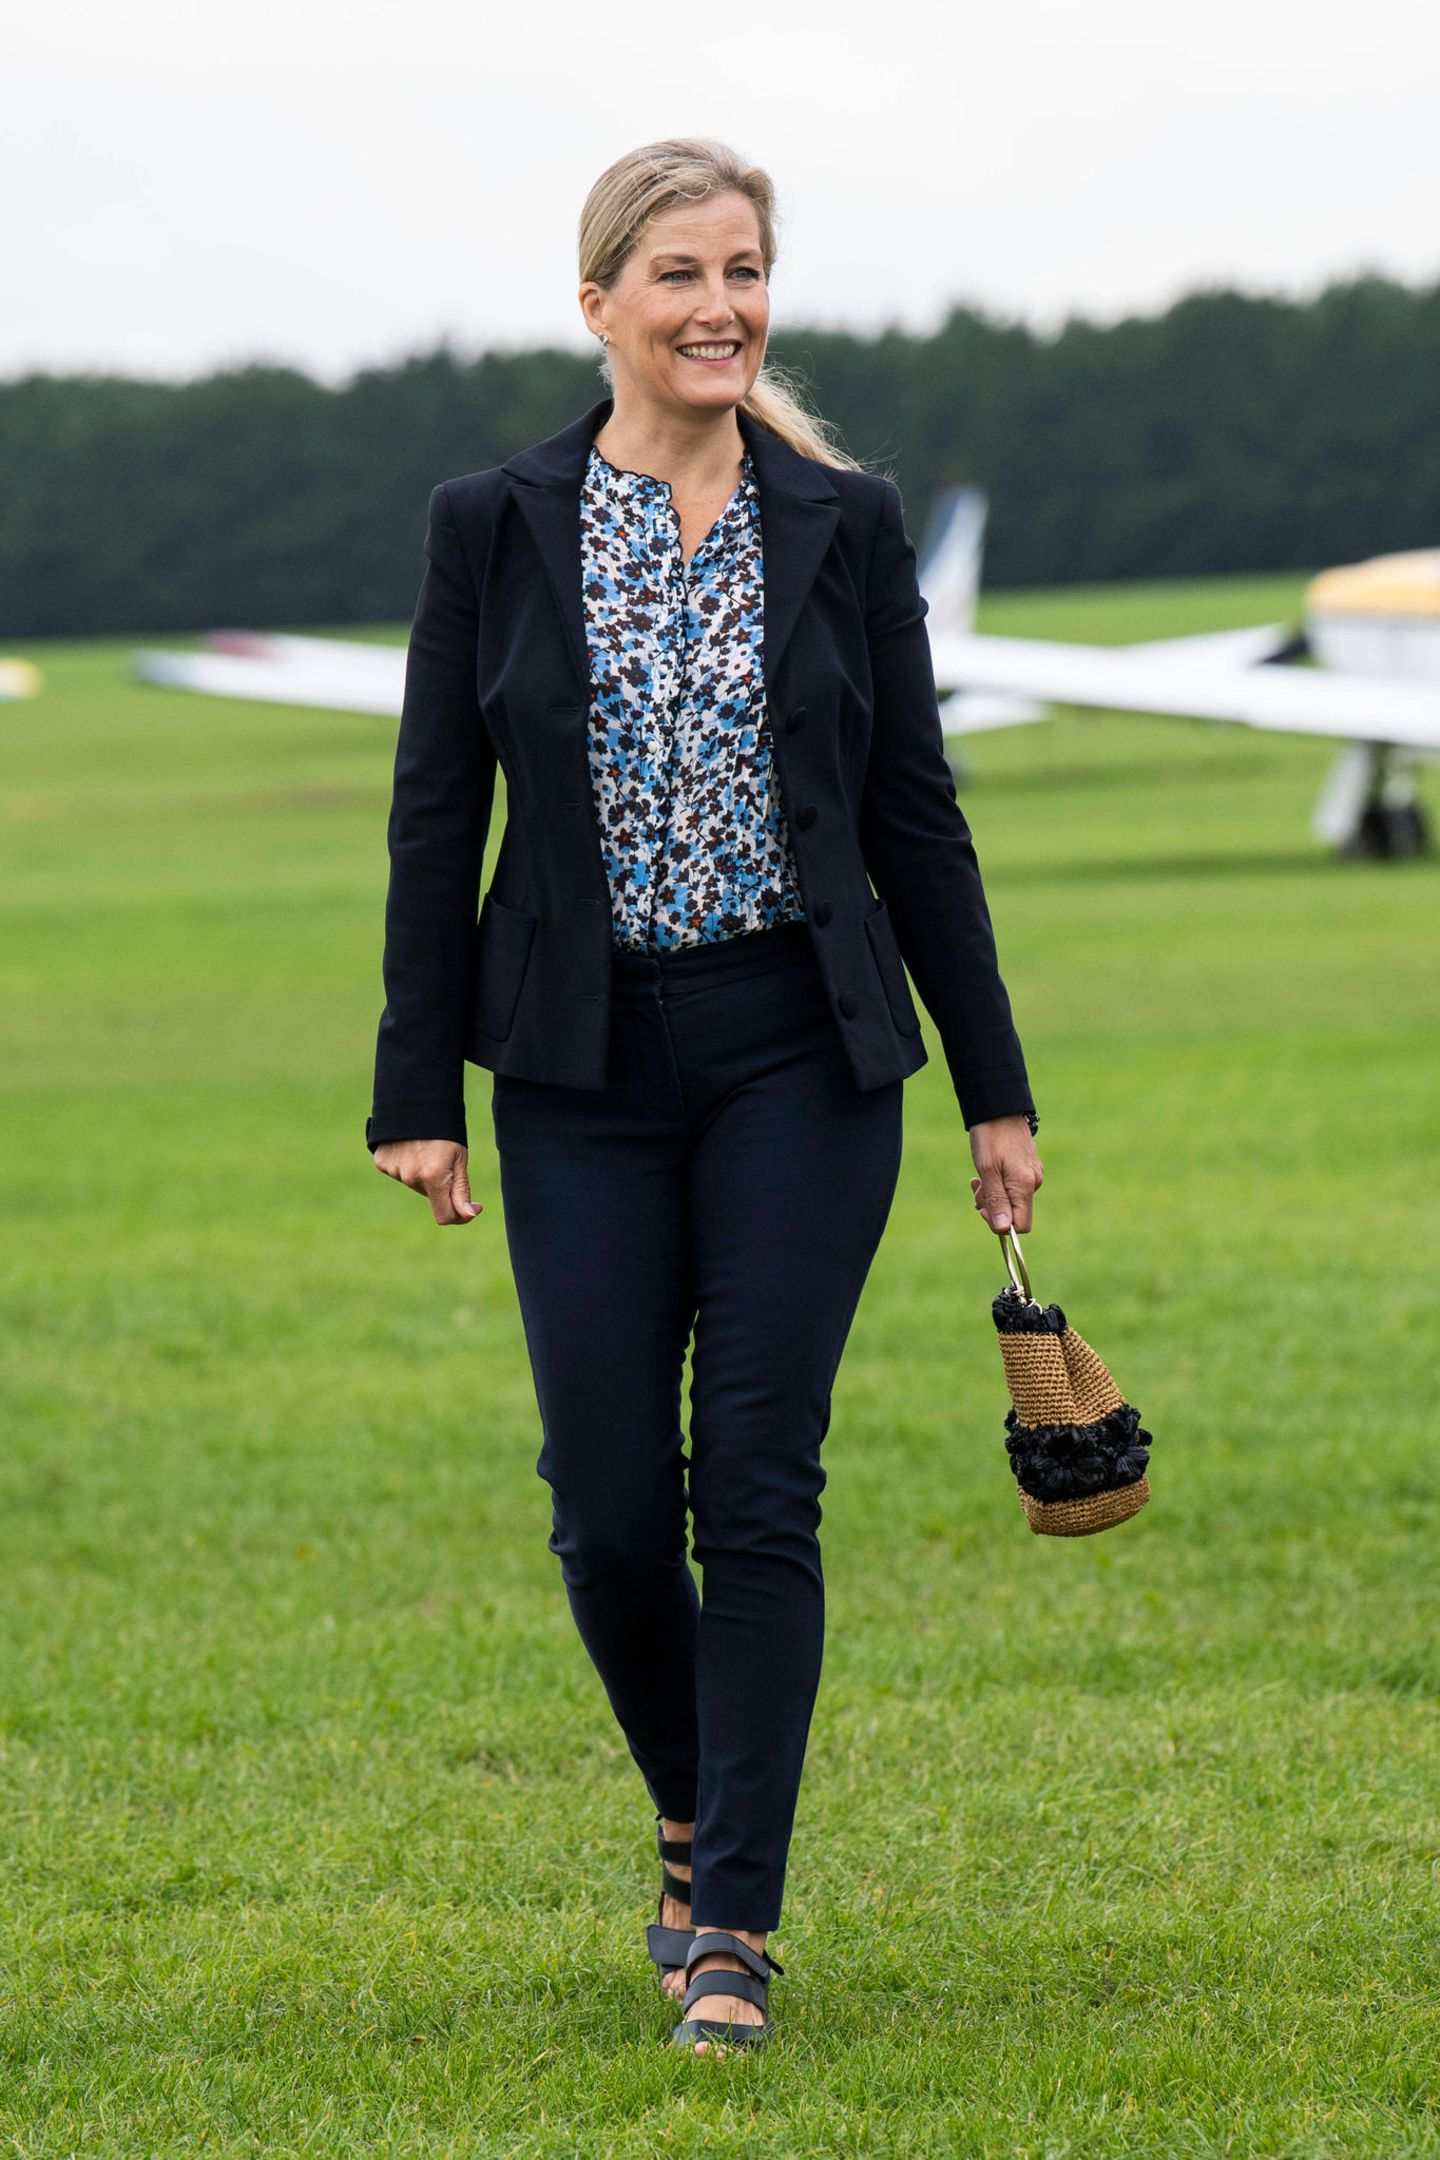 Gewohnt stilsicher zeigt sich Gräfin Sophie von Wessex bei einem Besuch der Luft-Ambulanz in Maidenhead. Zum dunkelblauen Zweiteiler kombiniert sie eine gemusterte Bluse und sommerliche Accessoires wie Bast-Tasche und Sandalen.